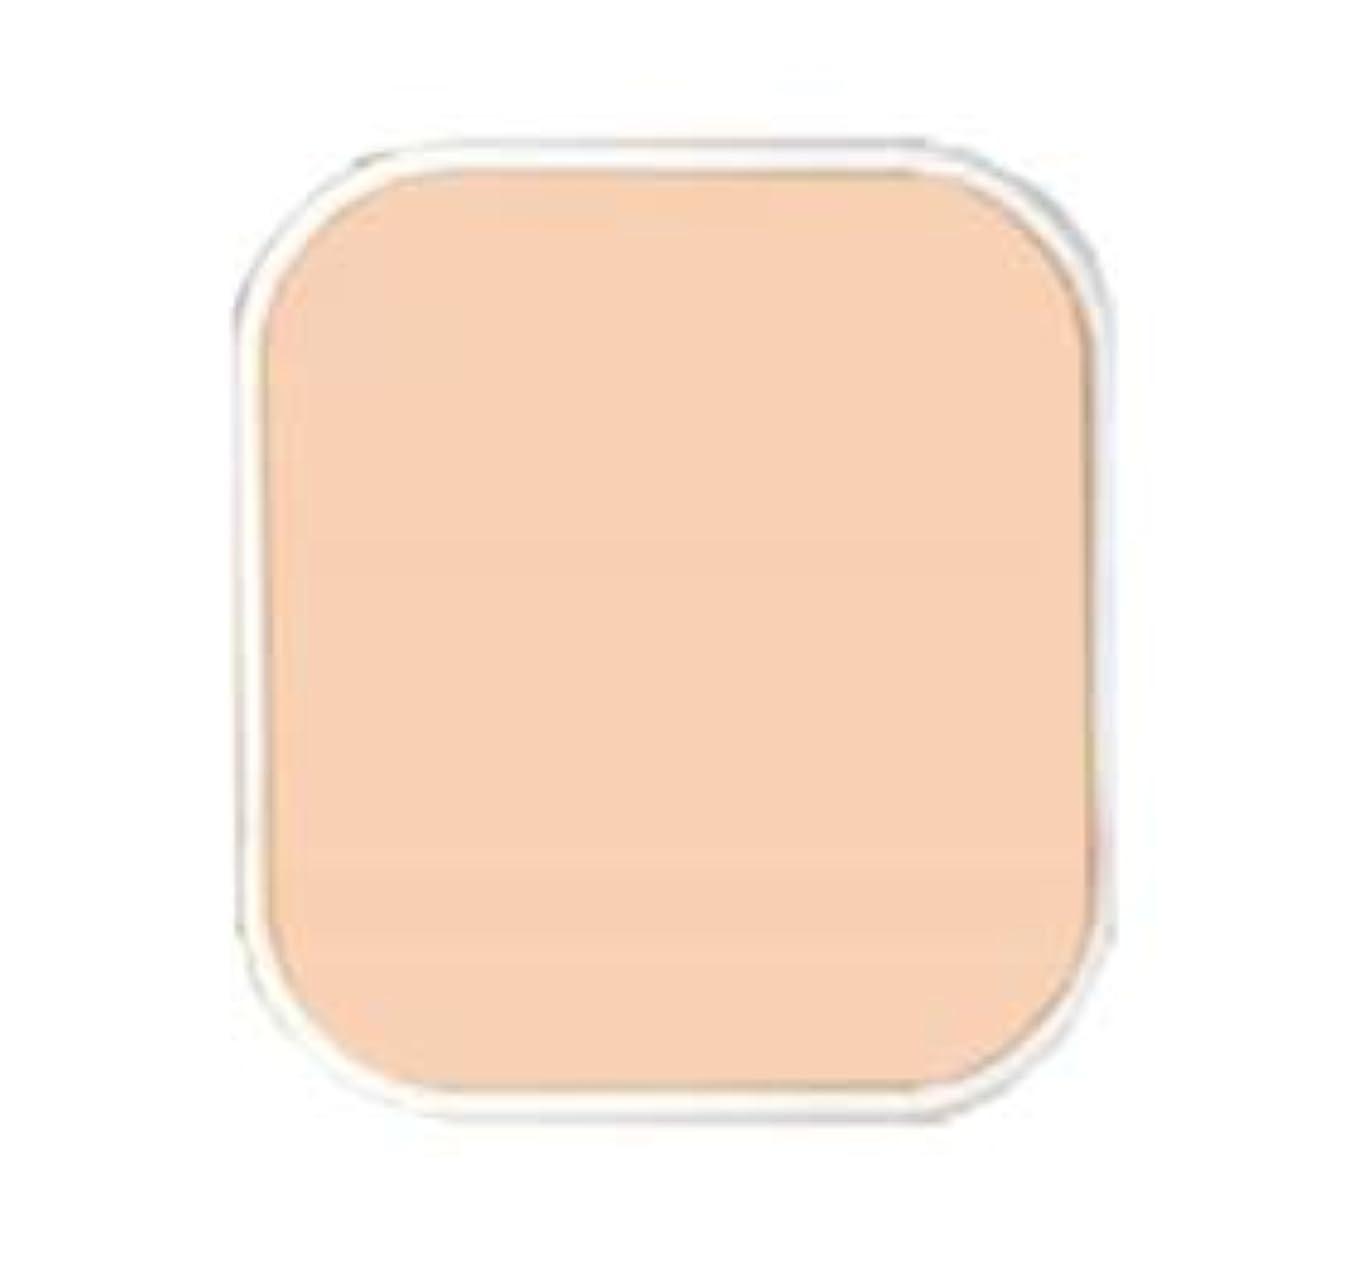 感覚究極の有名アクセーヌ クリーミィファンデーションPV(リフィル)<P20自然なピンク系>※ケース別売り(11g)